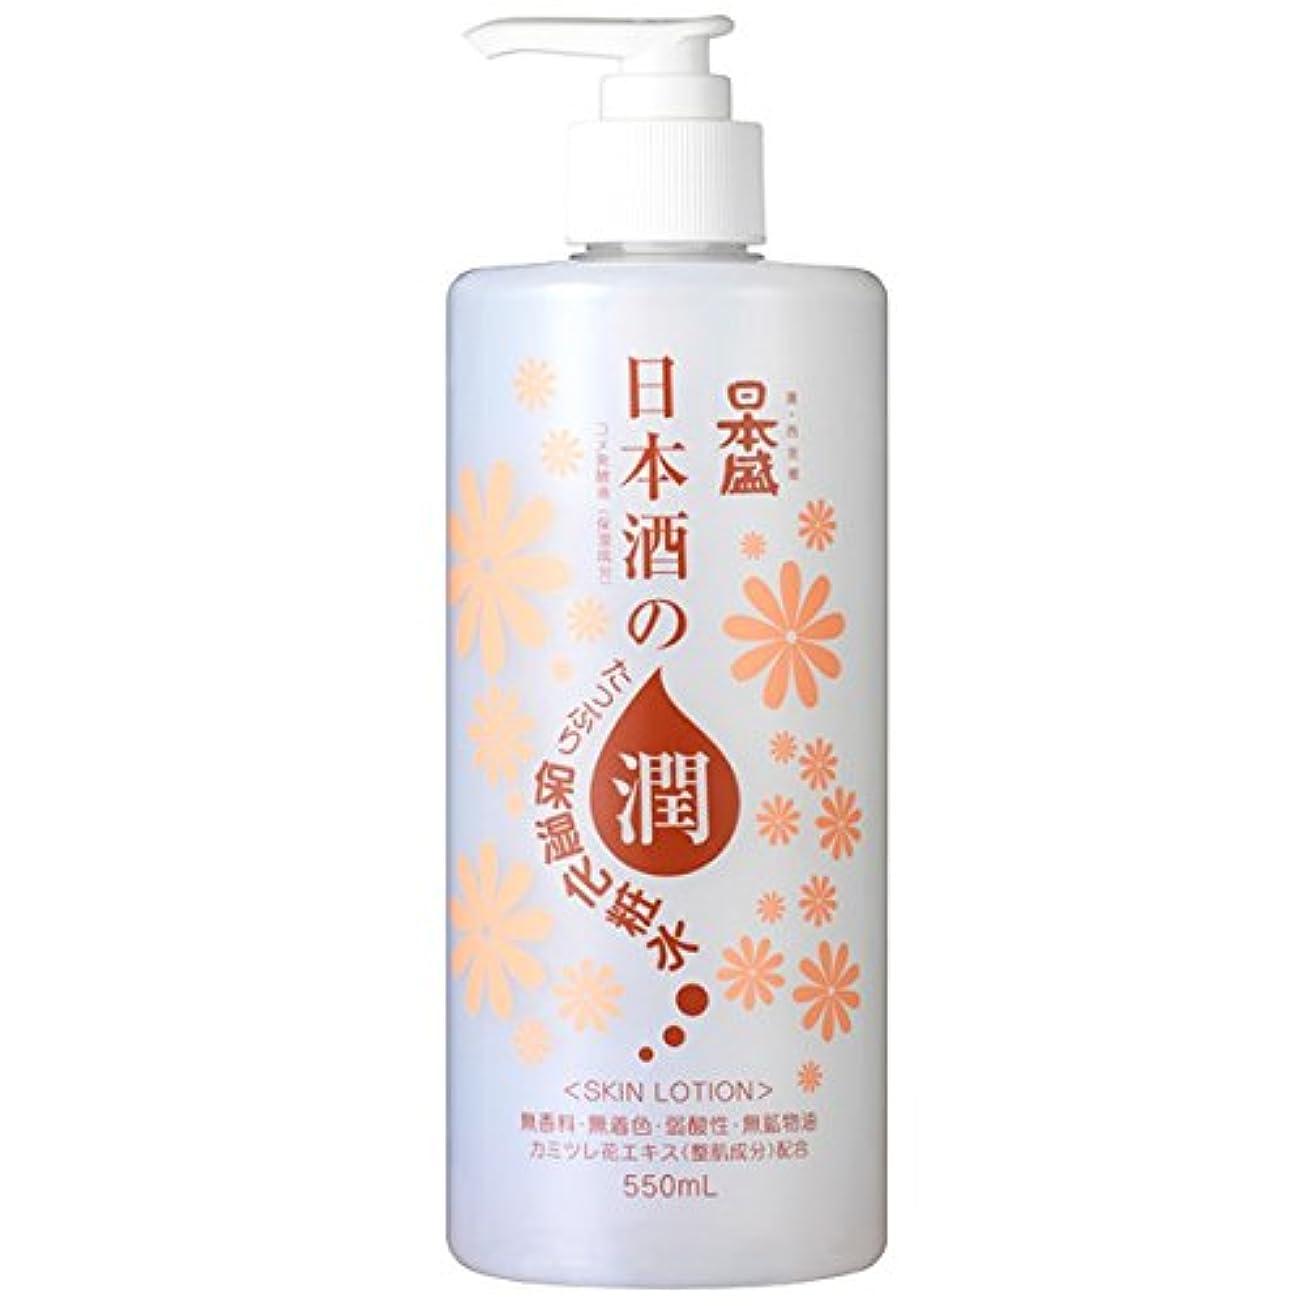 行政豊富にプレビュー日本酒のたっぷり保湿化粧水 550ml